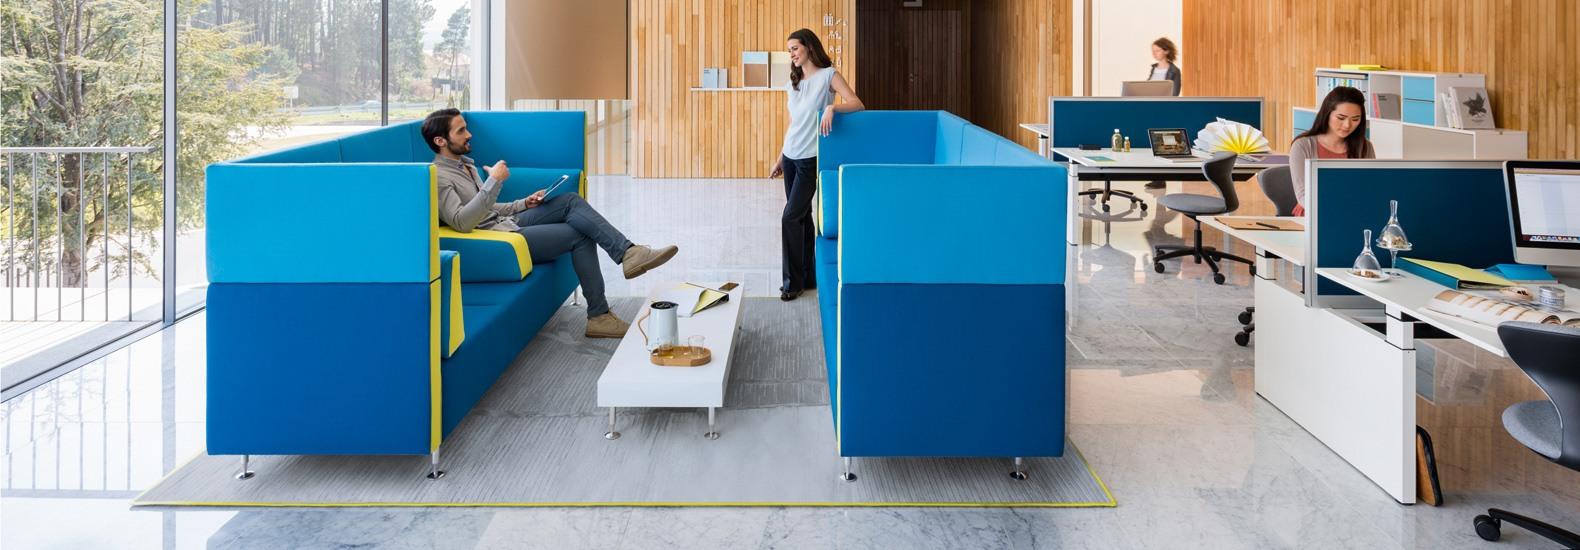 Konfigurieren Sie sopha von Sedus Seating bei office & objekt 42 um Ihr Büro perfekt auf Sie anzupassen!